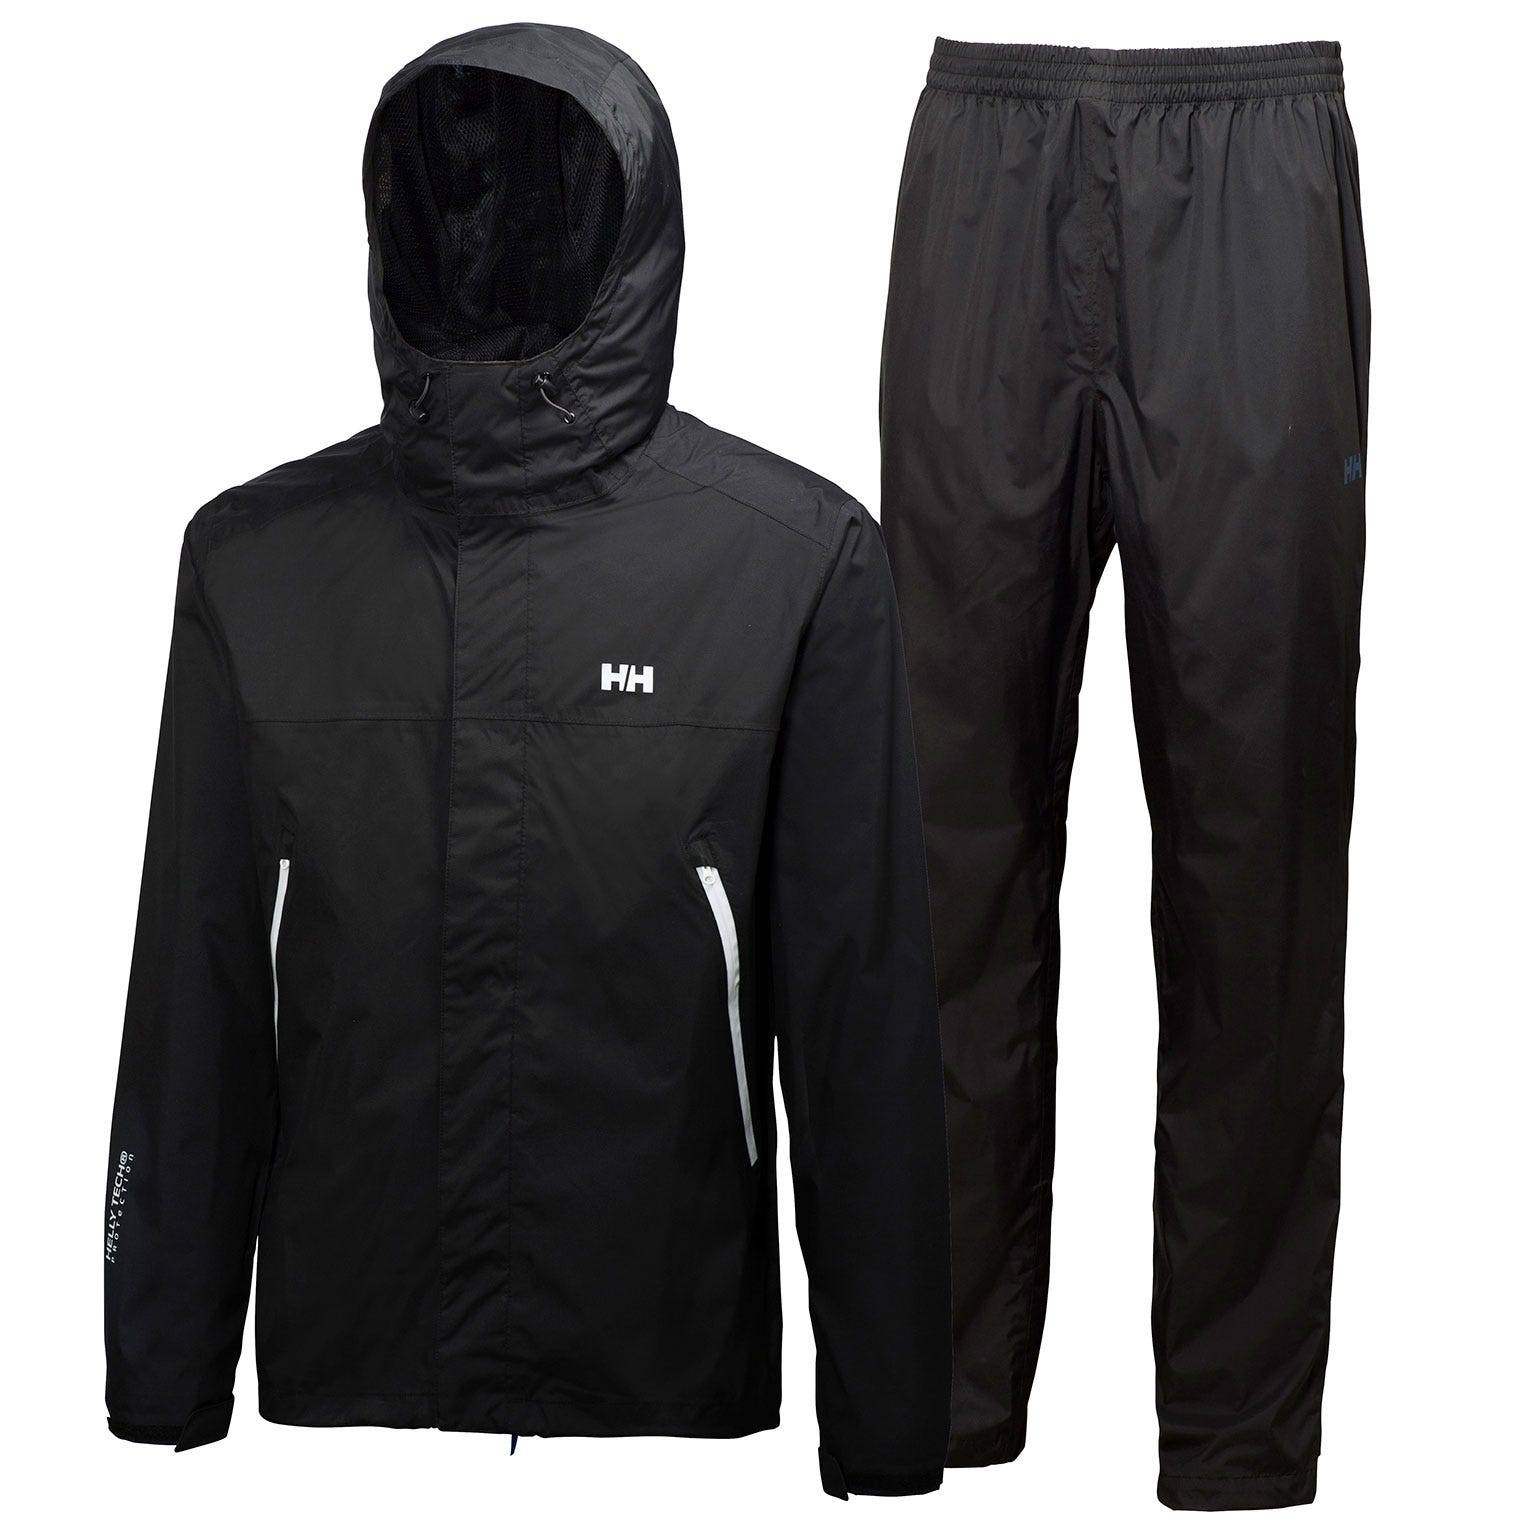 Helly Hansen Lysefjord Set Rain Jacket Black XXXL